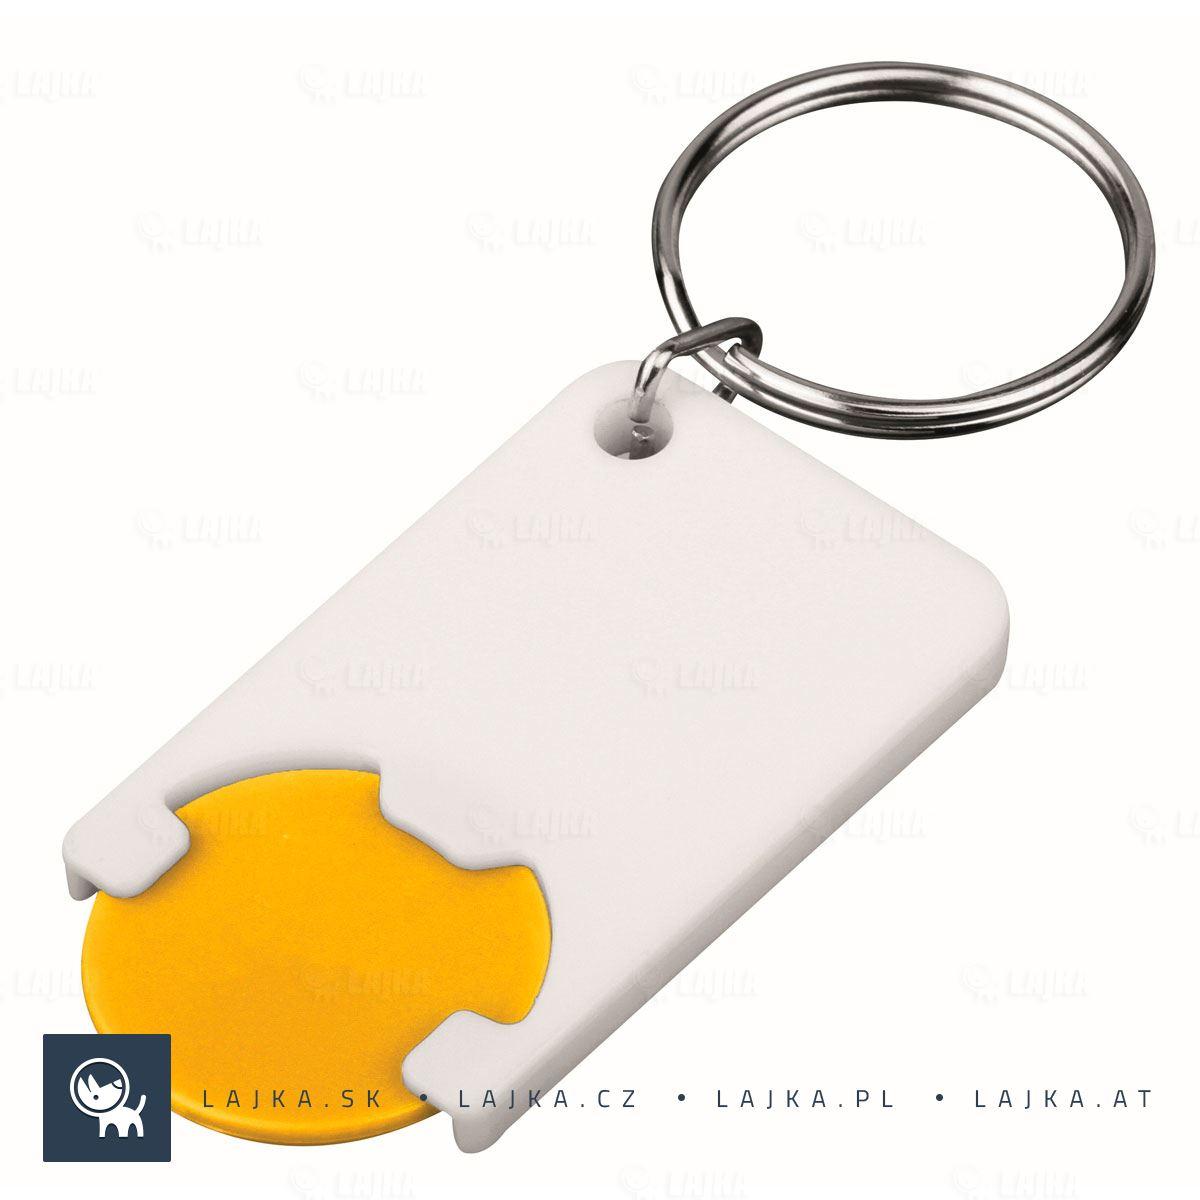 8c639a215 Plastový prívesok na kľúče so žetónom Chipsy, žltá   Reklamné Predmety